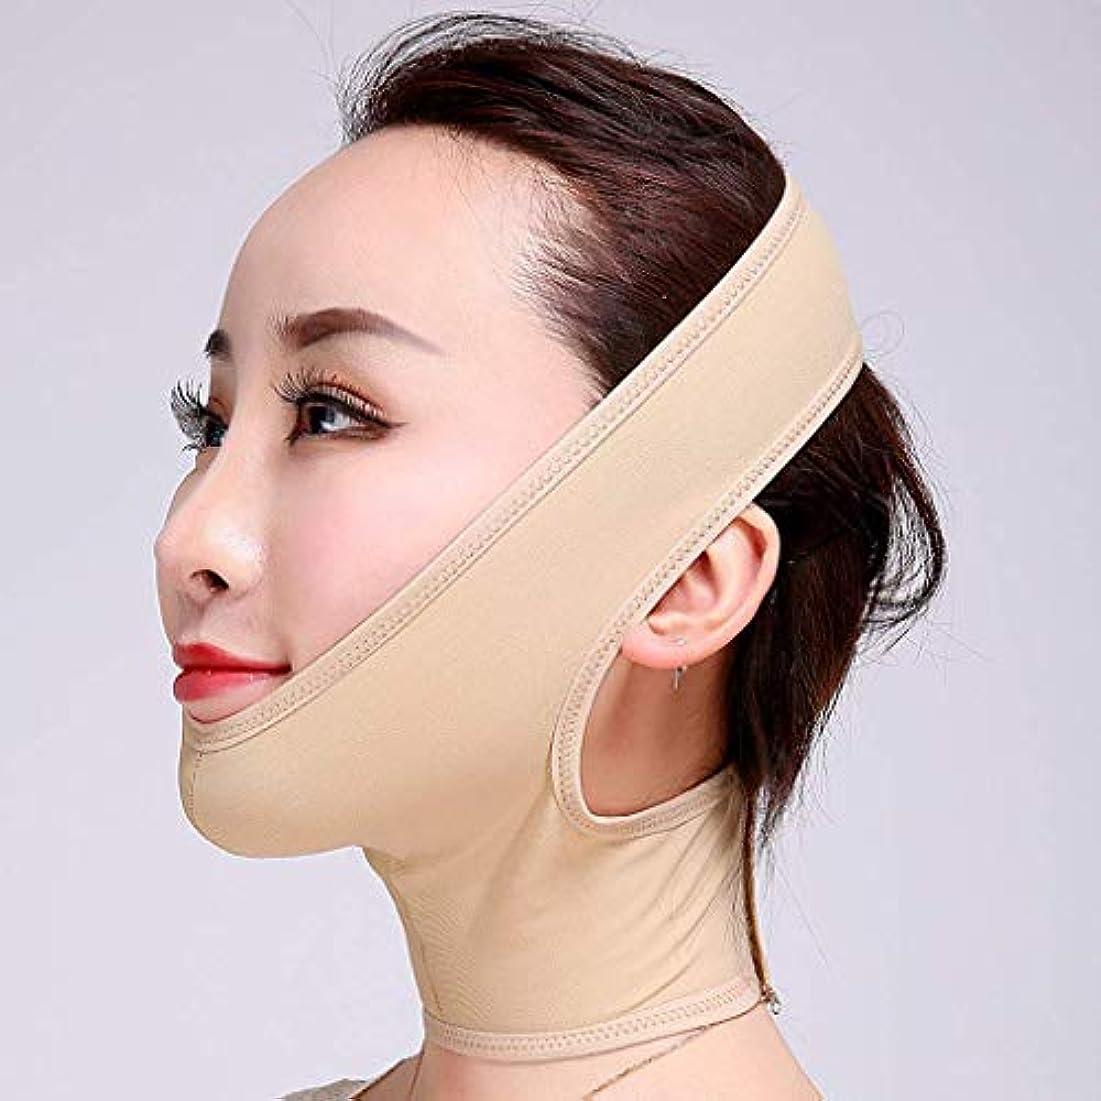 メンタル主襟フェイススリミングマスク、リフトチンVフェイスベルトフェイスリフト包帯フェイスリフティングアーティファクトフェイスフェイスリフティング楽器フルフェイスリフトチークスリム、スキンカラー、XL (M)